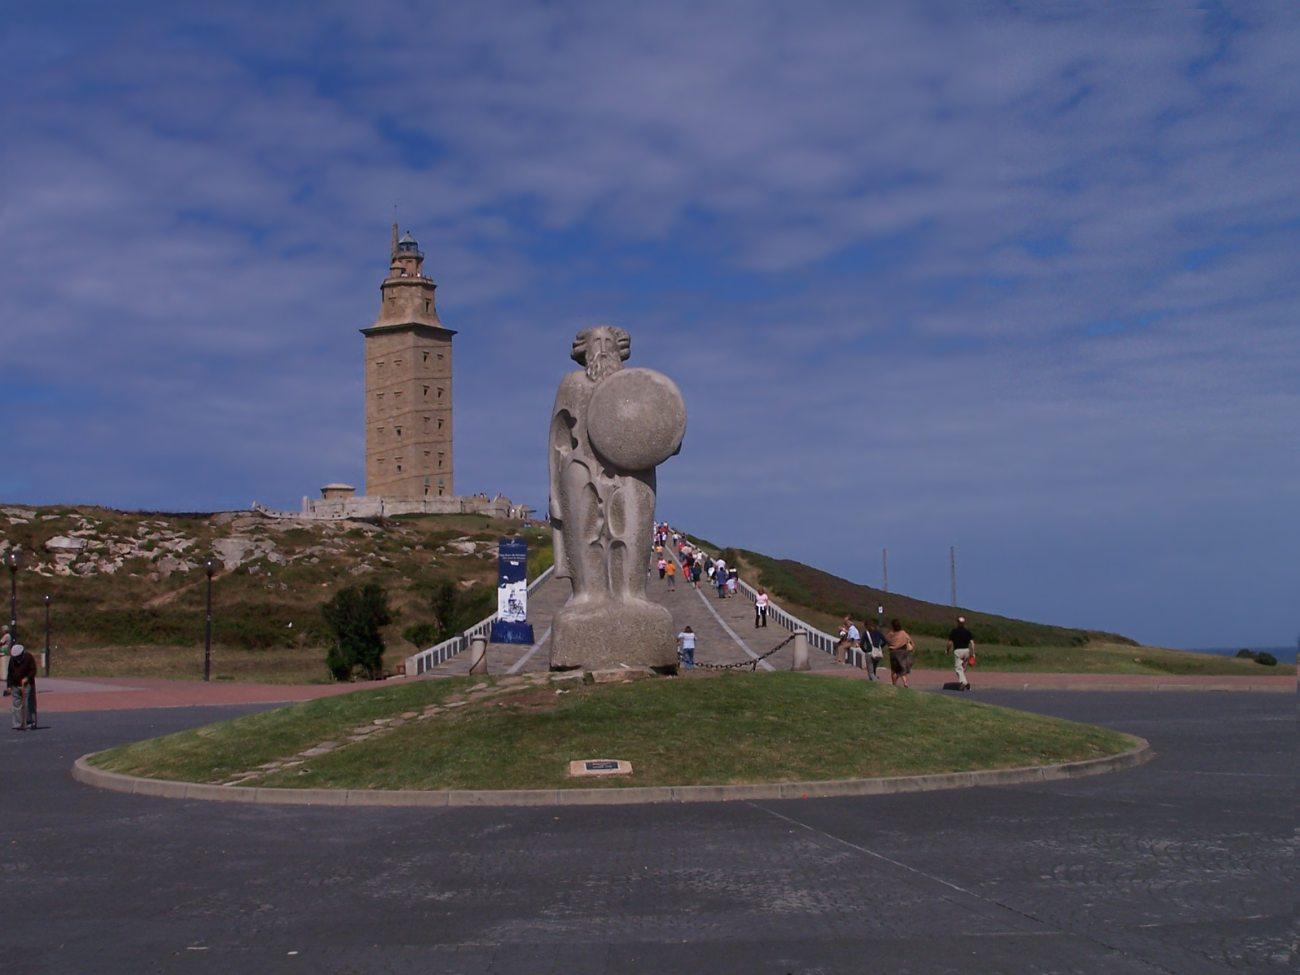 La Coruna Spain  City pictures : Ficheiro orixinal  1.300 × 975 píxeles; tamaño do ficheiro: 114 ...